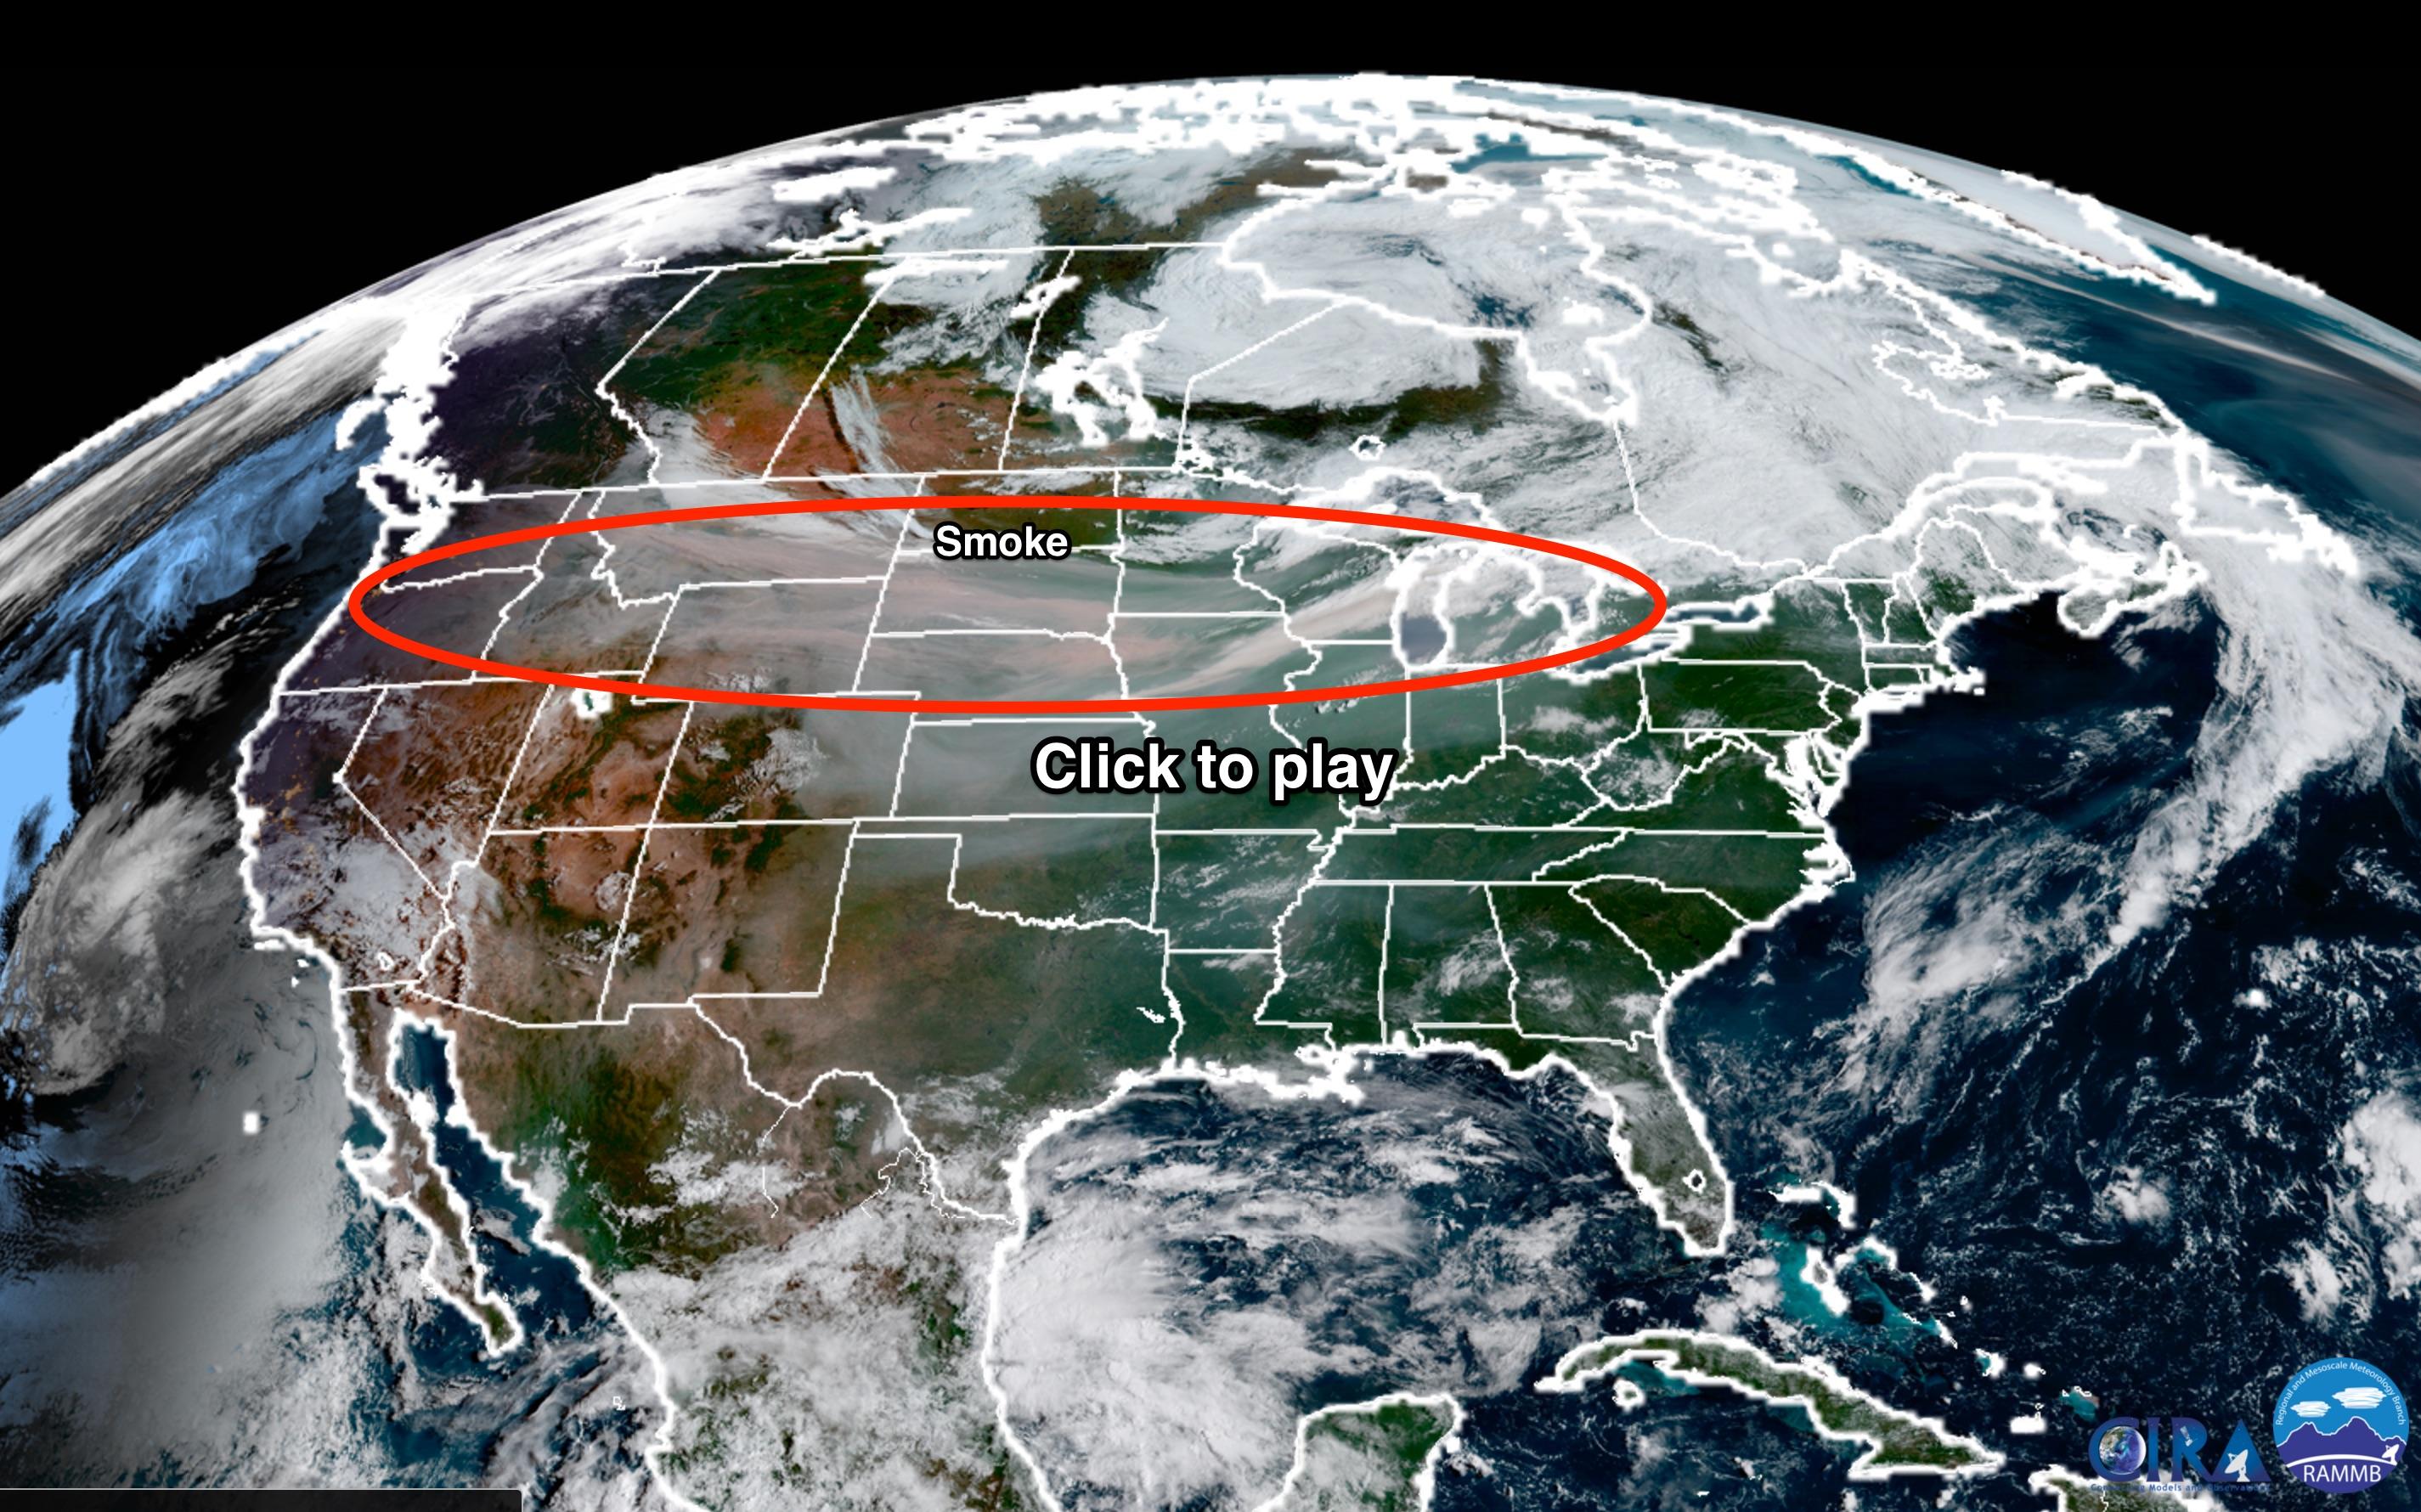 RAMMB_CIRA_SLIDER__GOES-16_Satellite_Imagery__Full_Disk_Sector__GeoColor__CIRA_-1.jpg